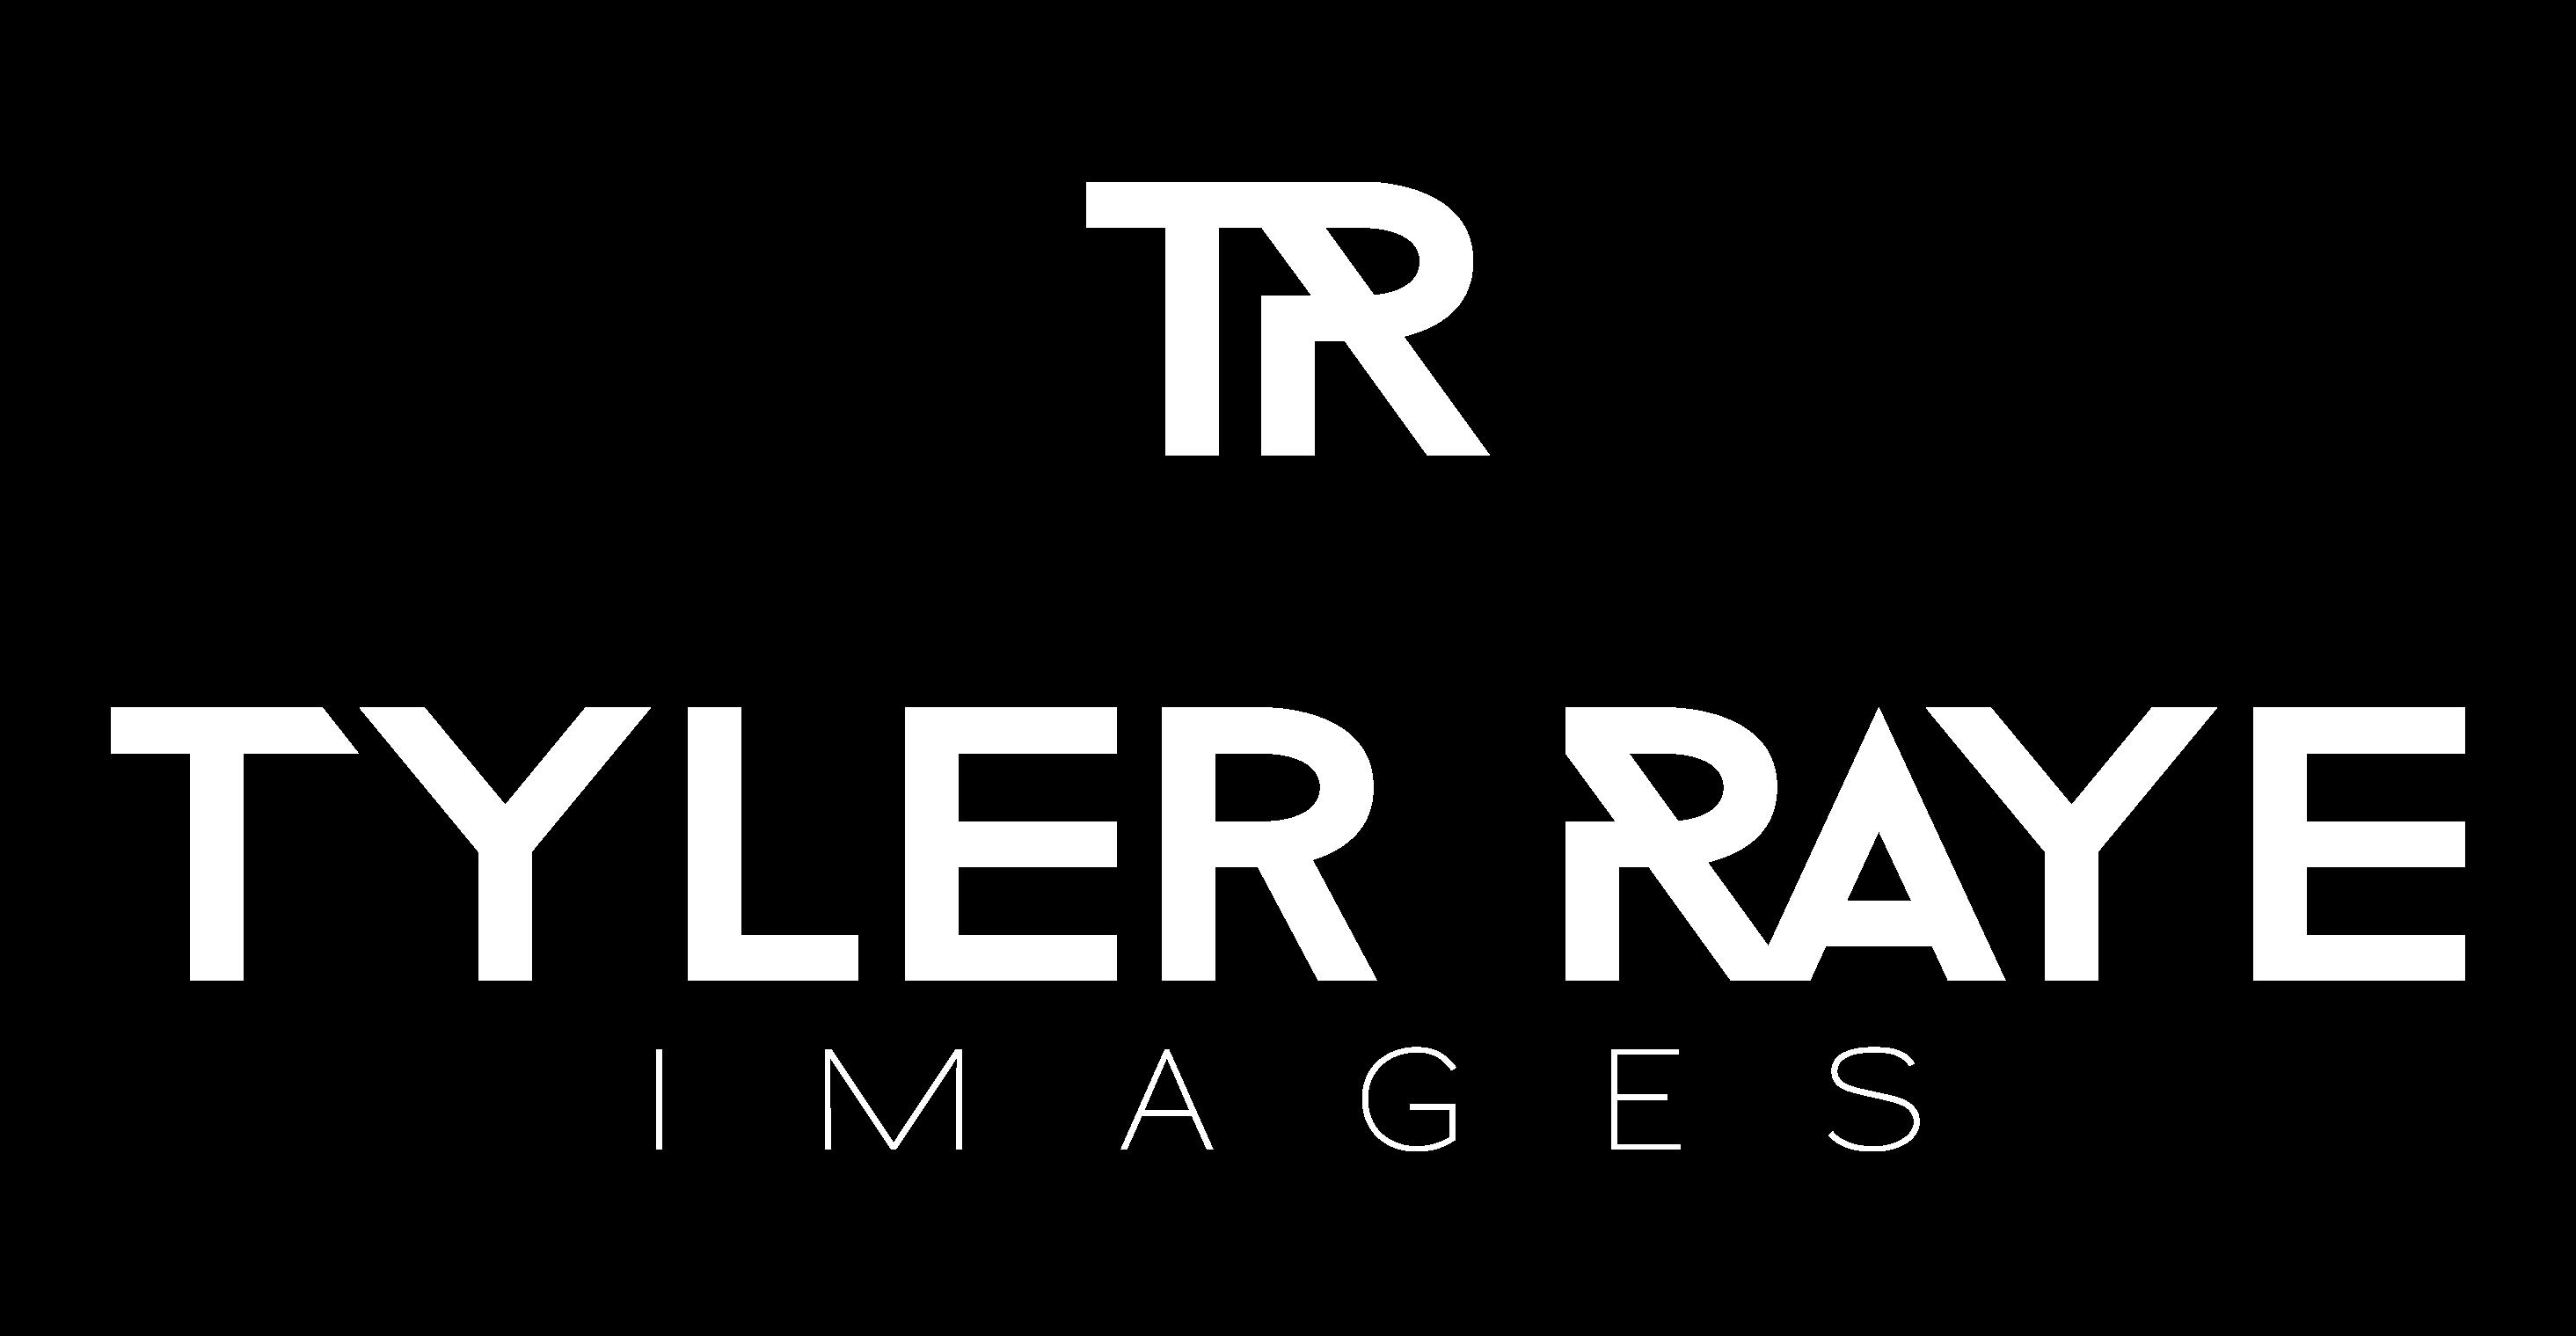 Tyler Raye